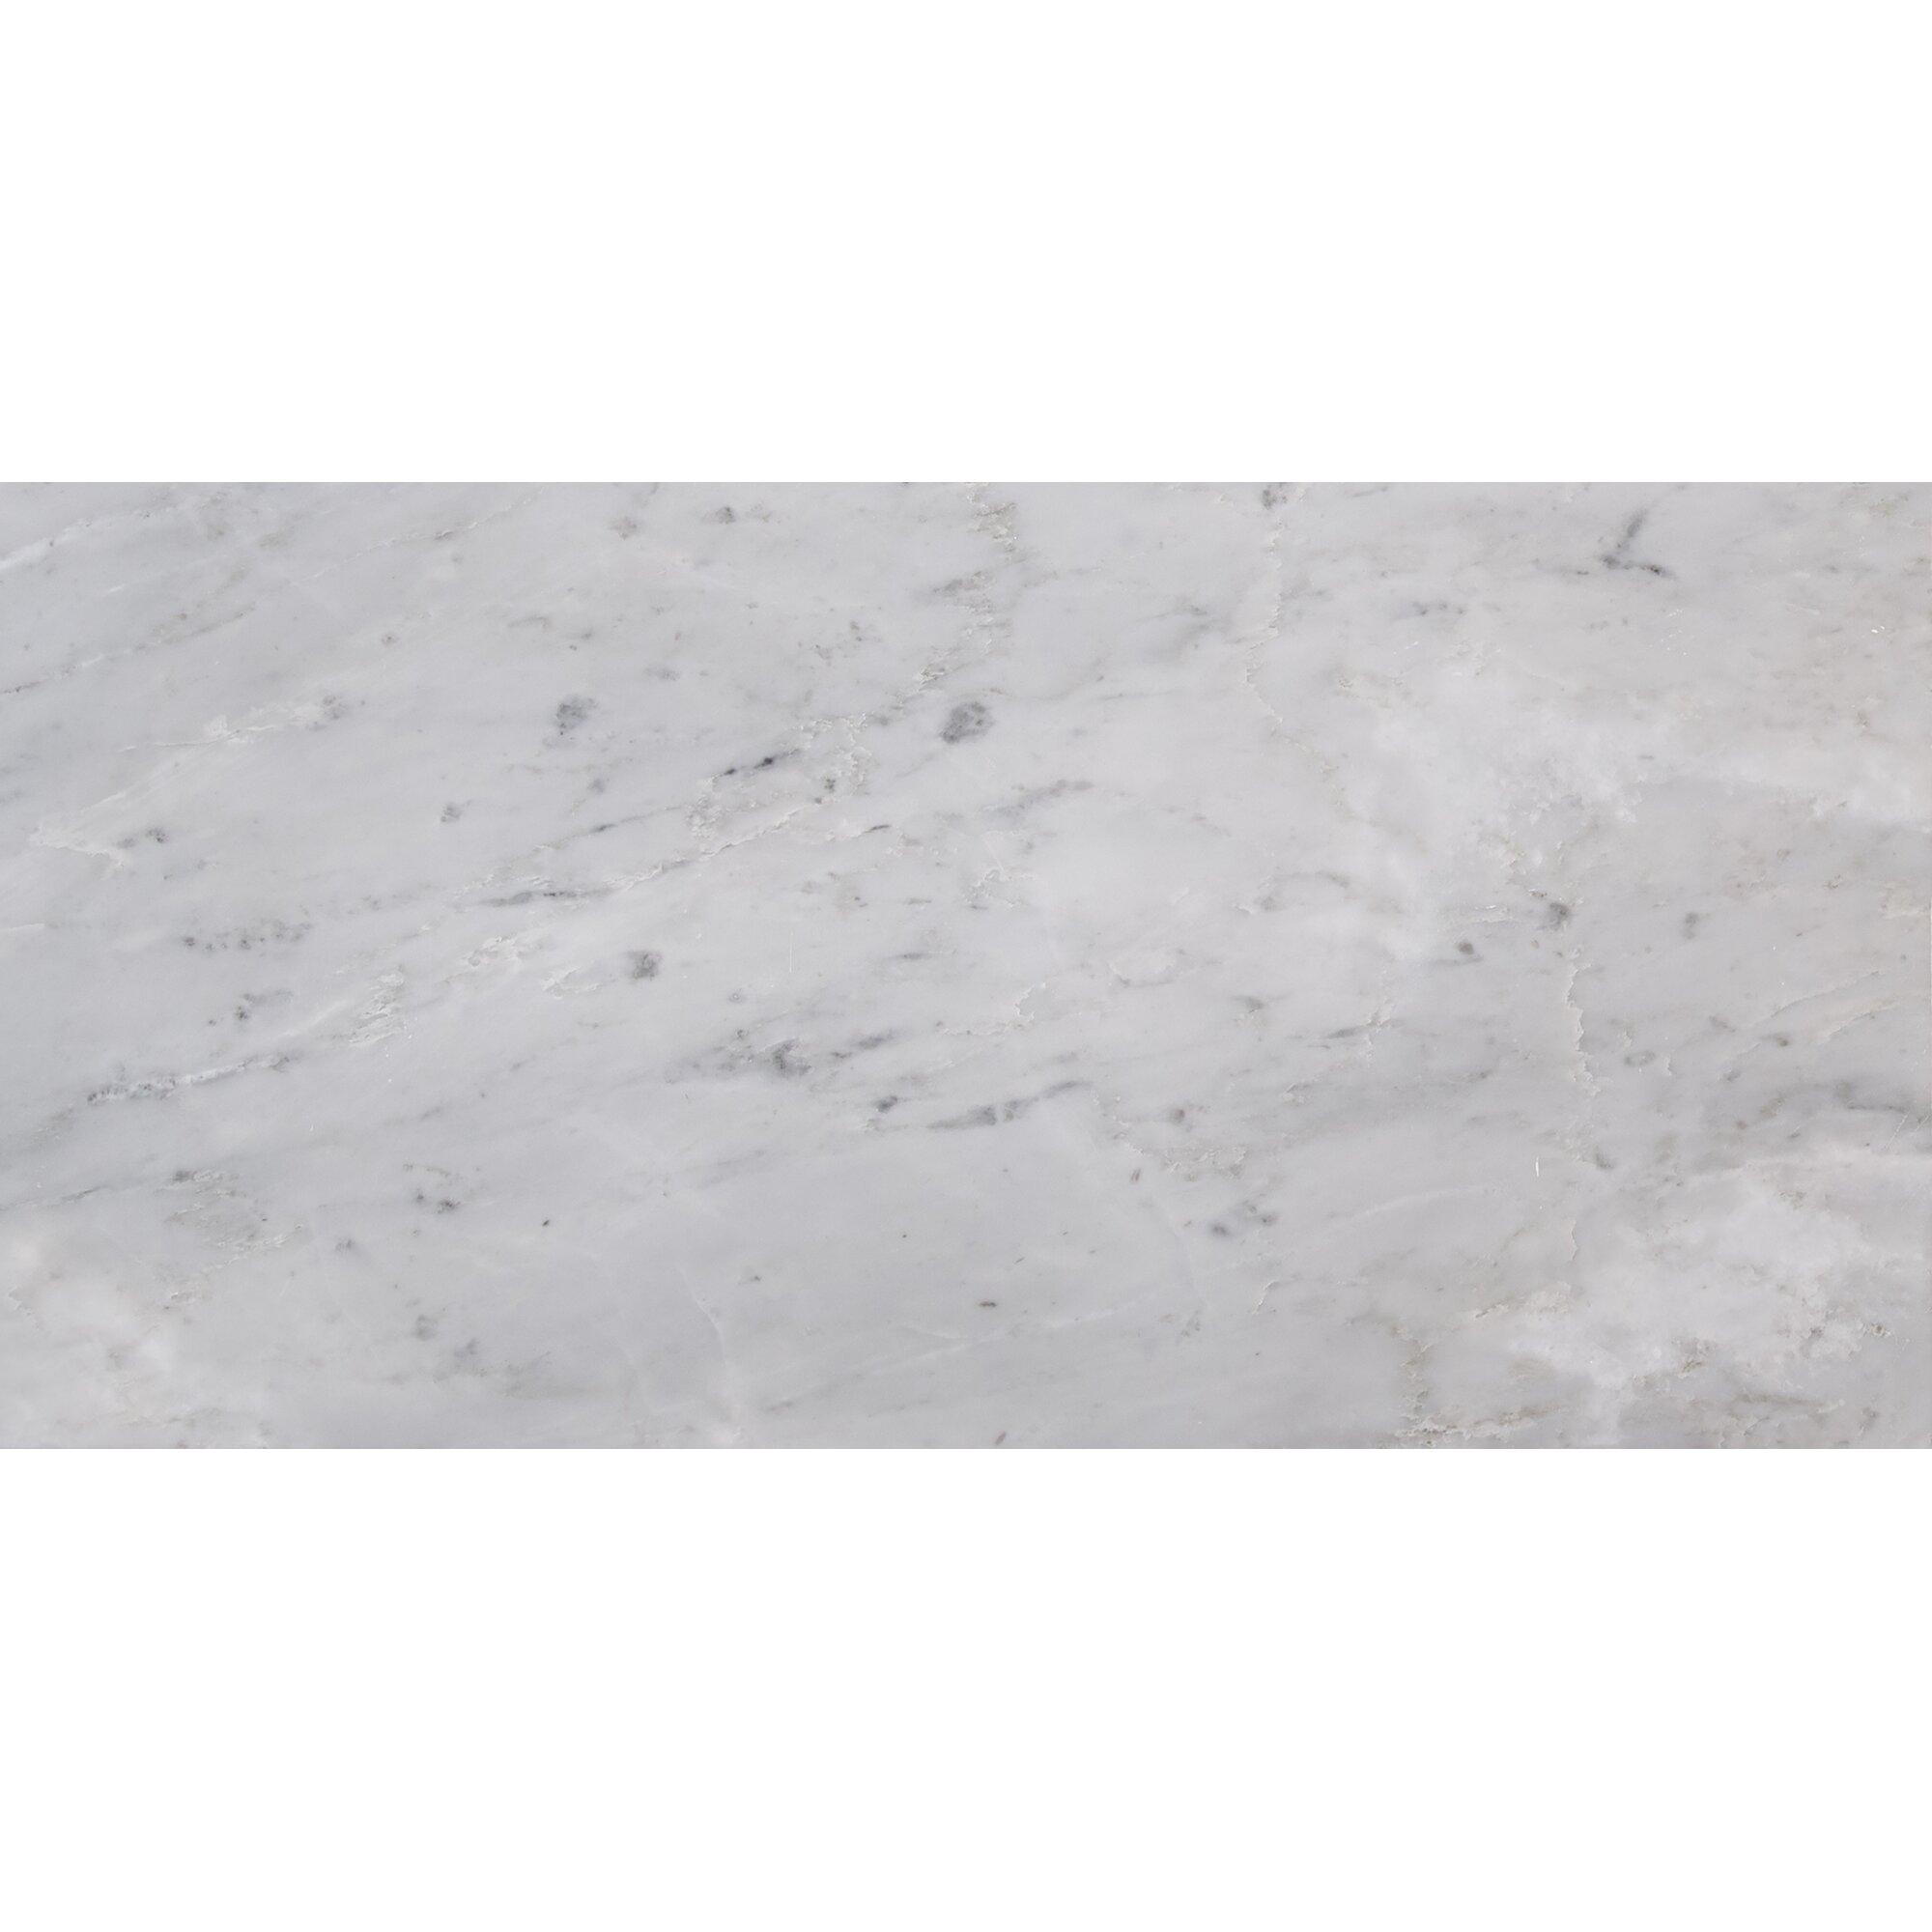 Arabescato Carrara Marble : Marble field tile in arabescato carrara